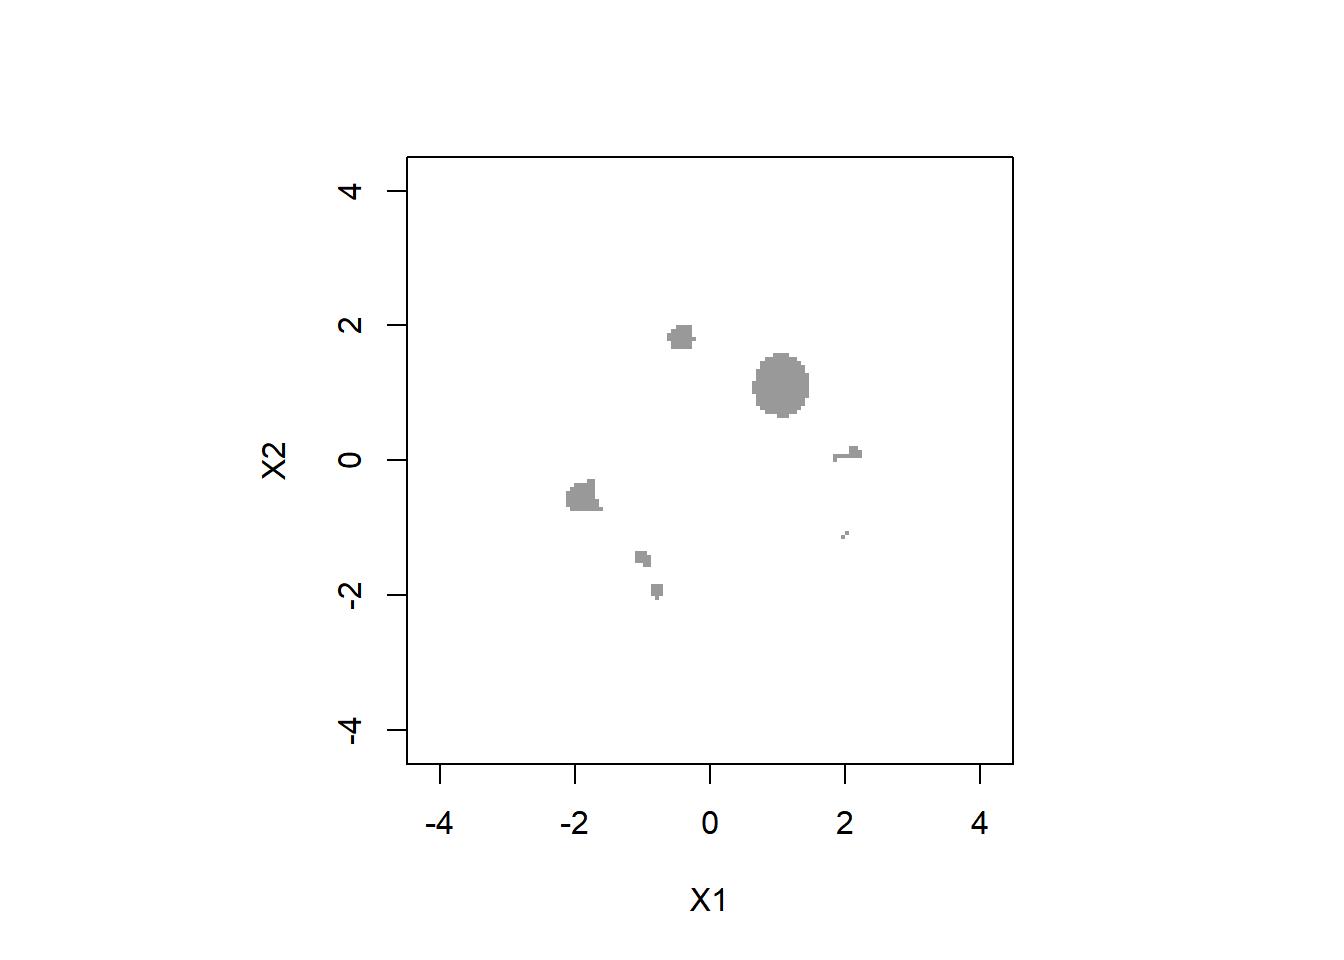 カーネル密度推定